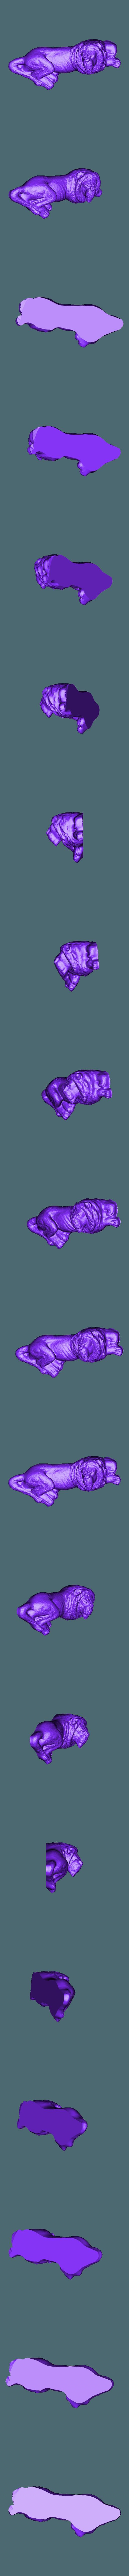 carvedlion_flat-lge.stl Download free STL file Carved stone lion statue • 3D printing model, JakG